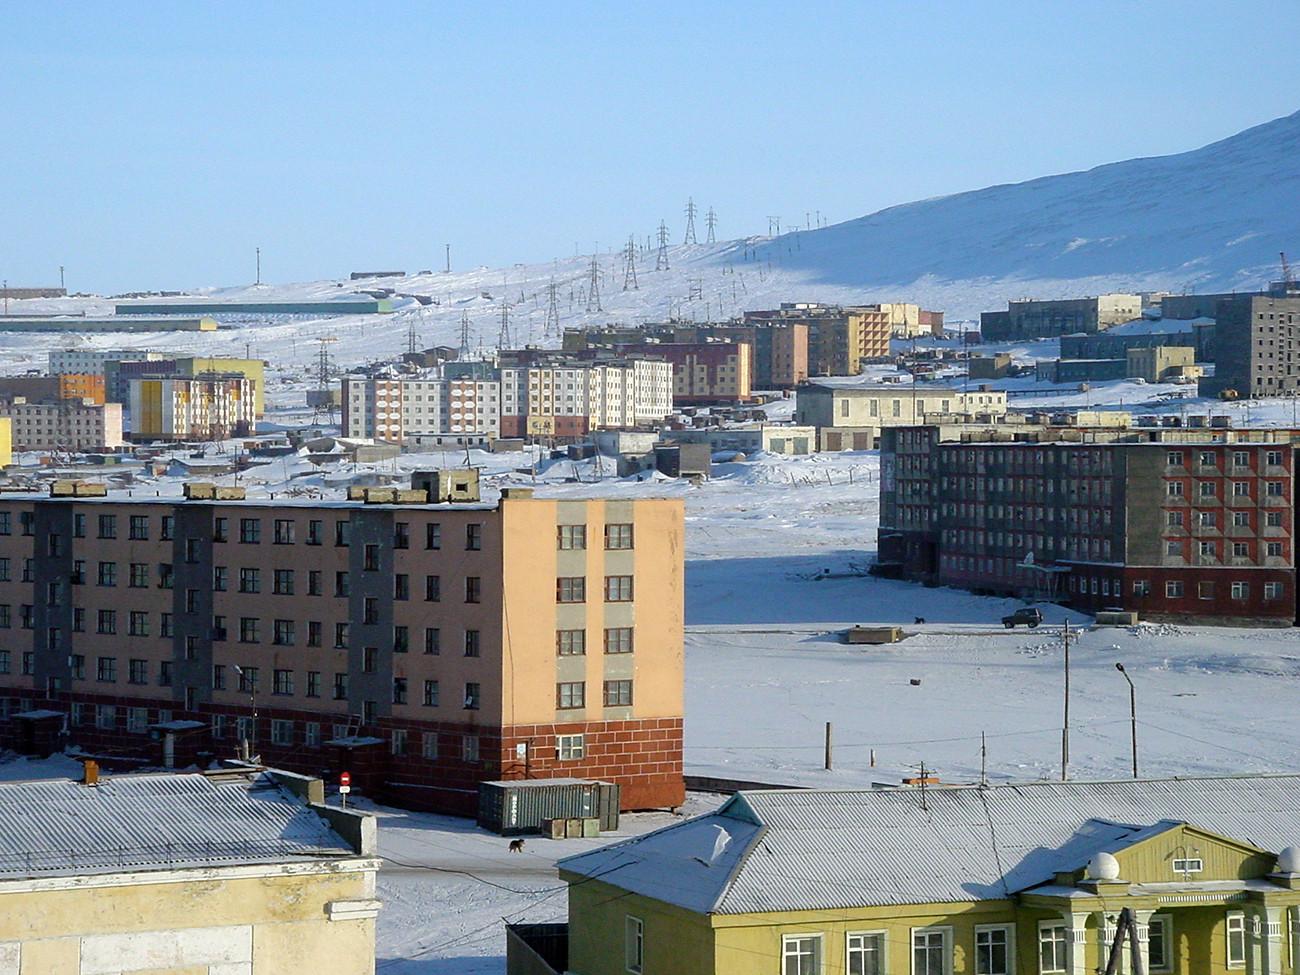 Arktično obalno mesto Pevek, Čukotka, Rusija